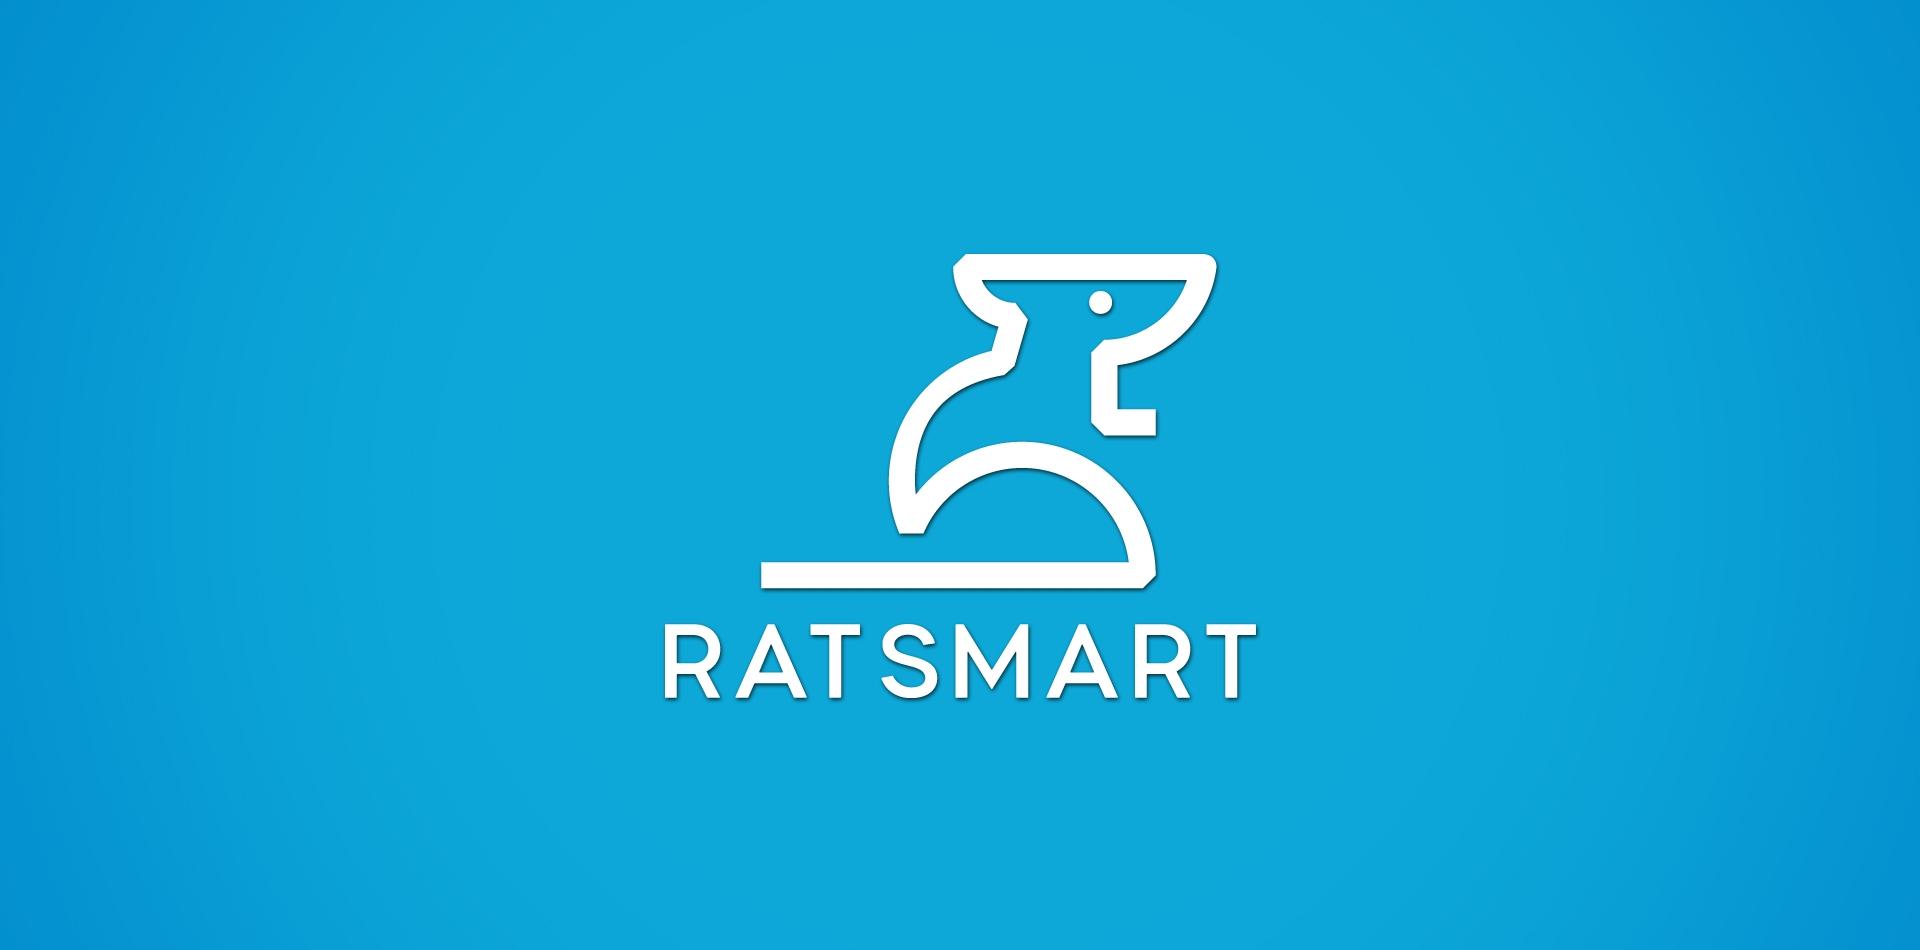 RatSmart Cables